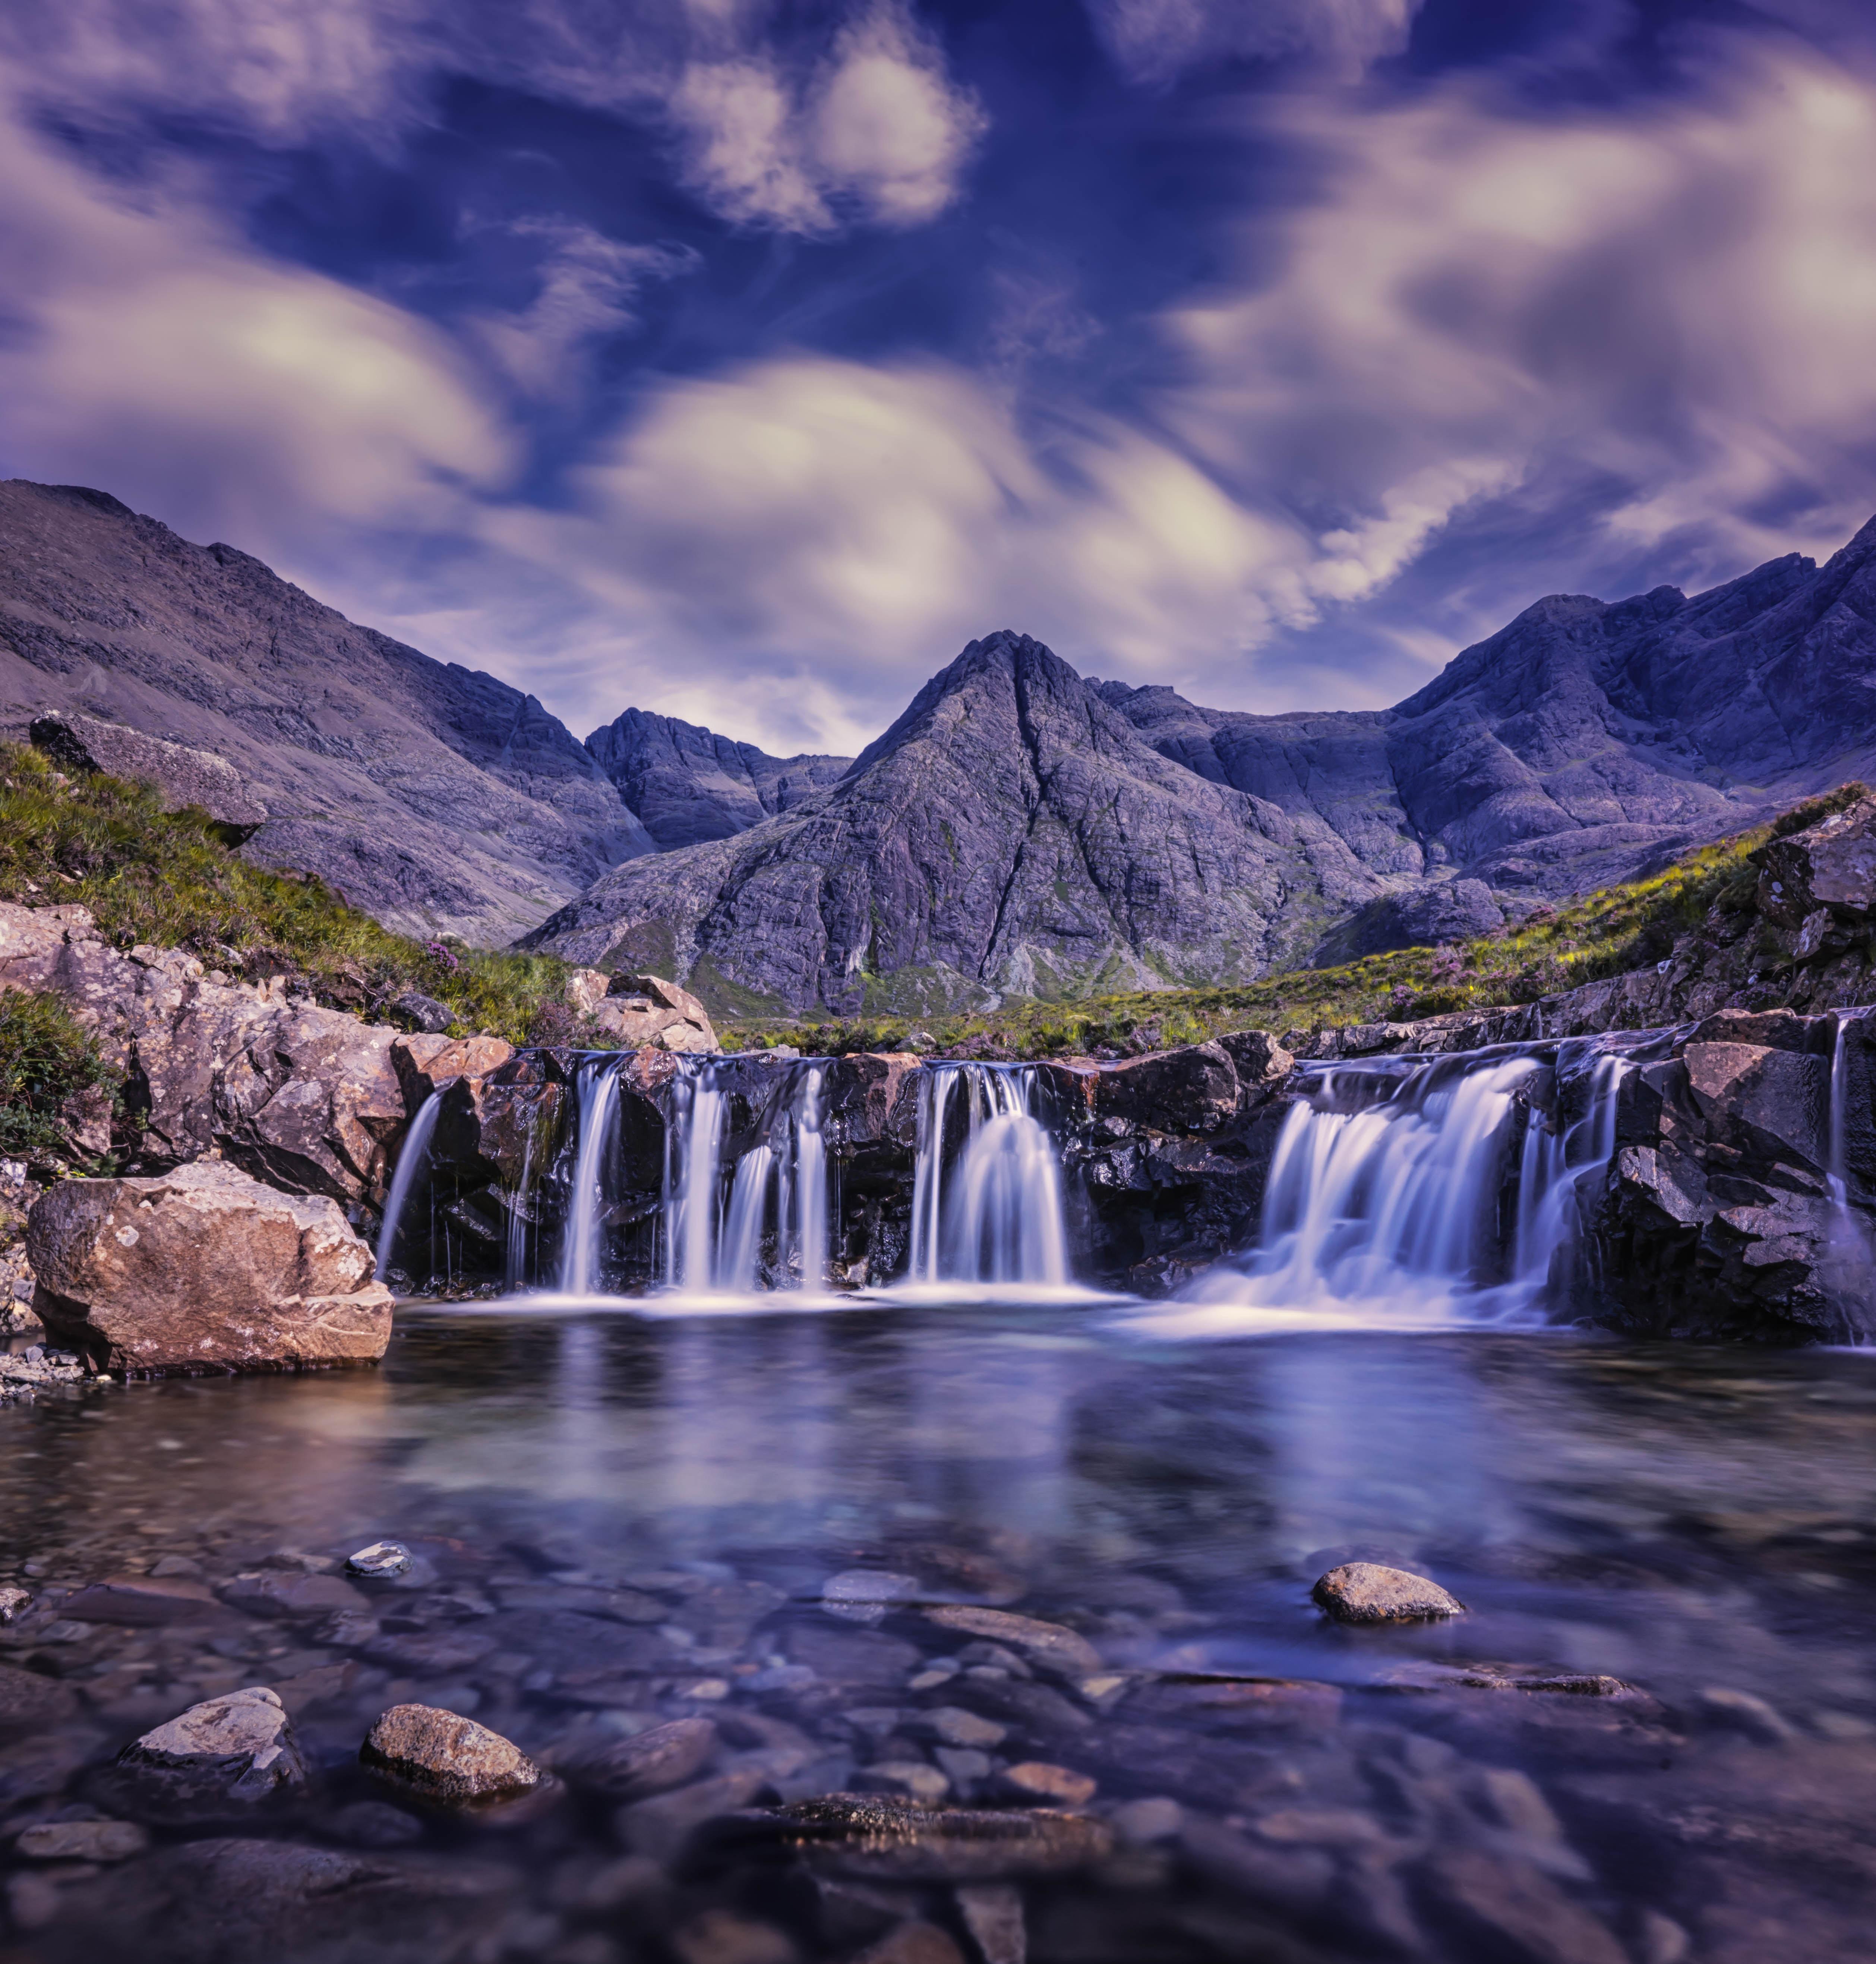 154471 fond d'écran 720x1280 sur votre téléphone gratuitement, téléchargez des images Nature, Noyaux, Cascade, Grande Bretagne, Royaume-Uni, Ciel, Skye 720x1280 sur votre mobile